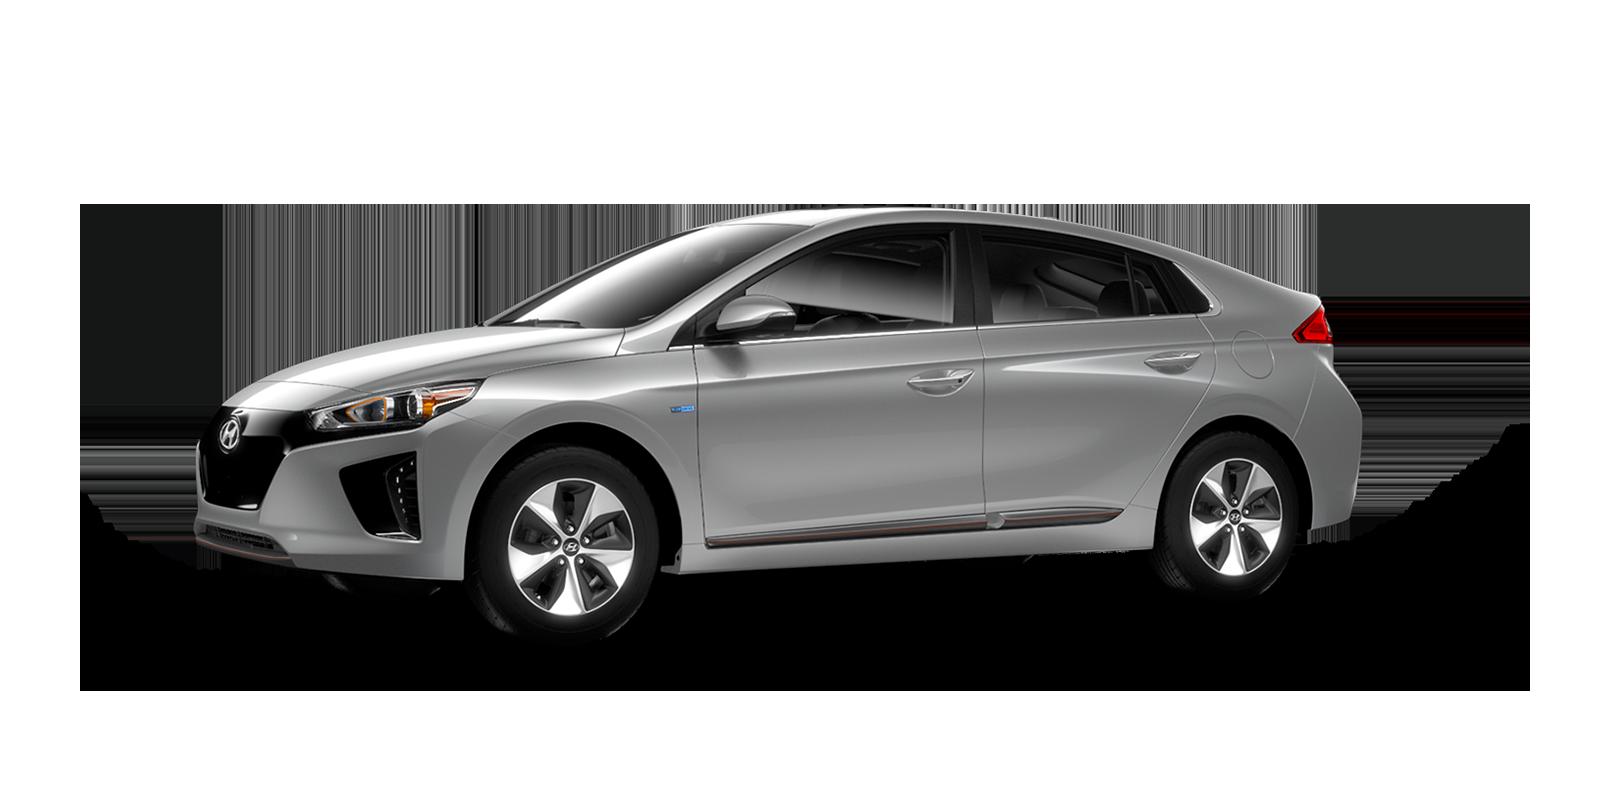 Caractéristiques de la  Hyundai IONIQ eletric électrique